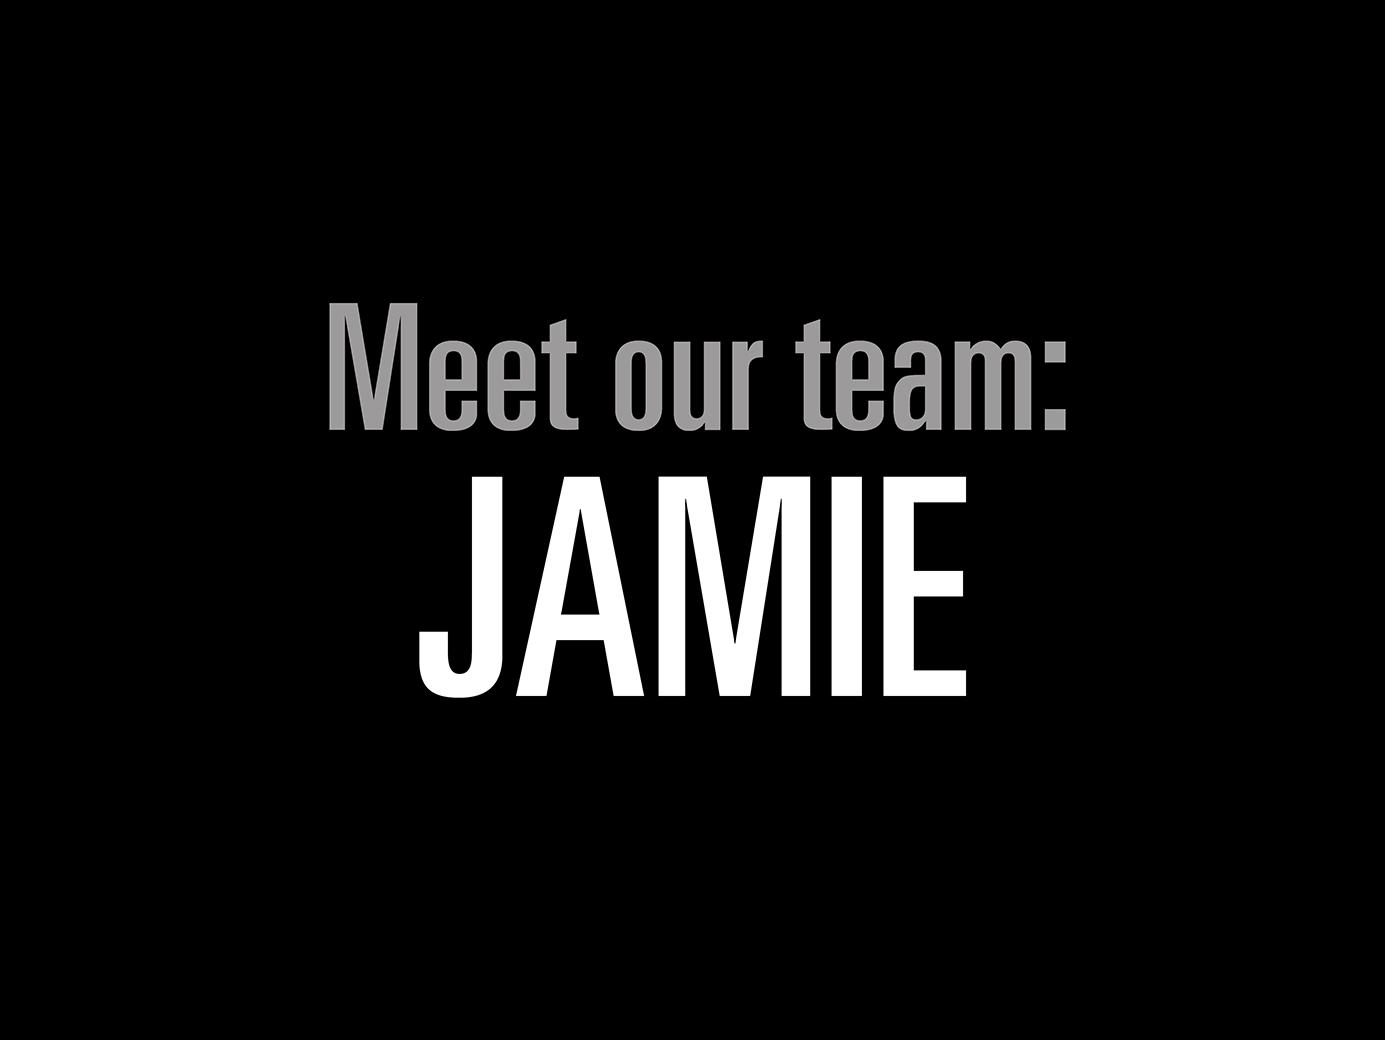 Meet our team: JAMIE